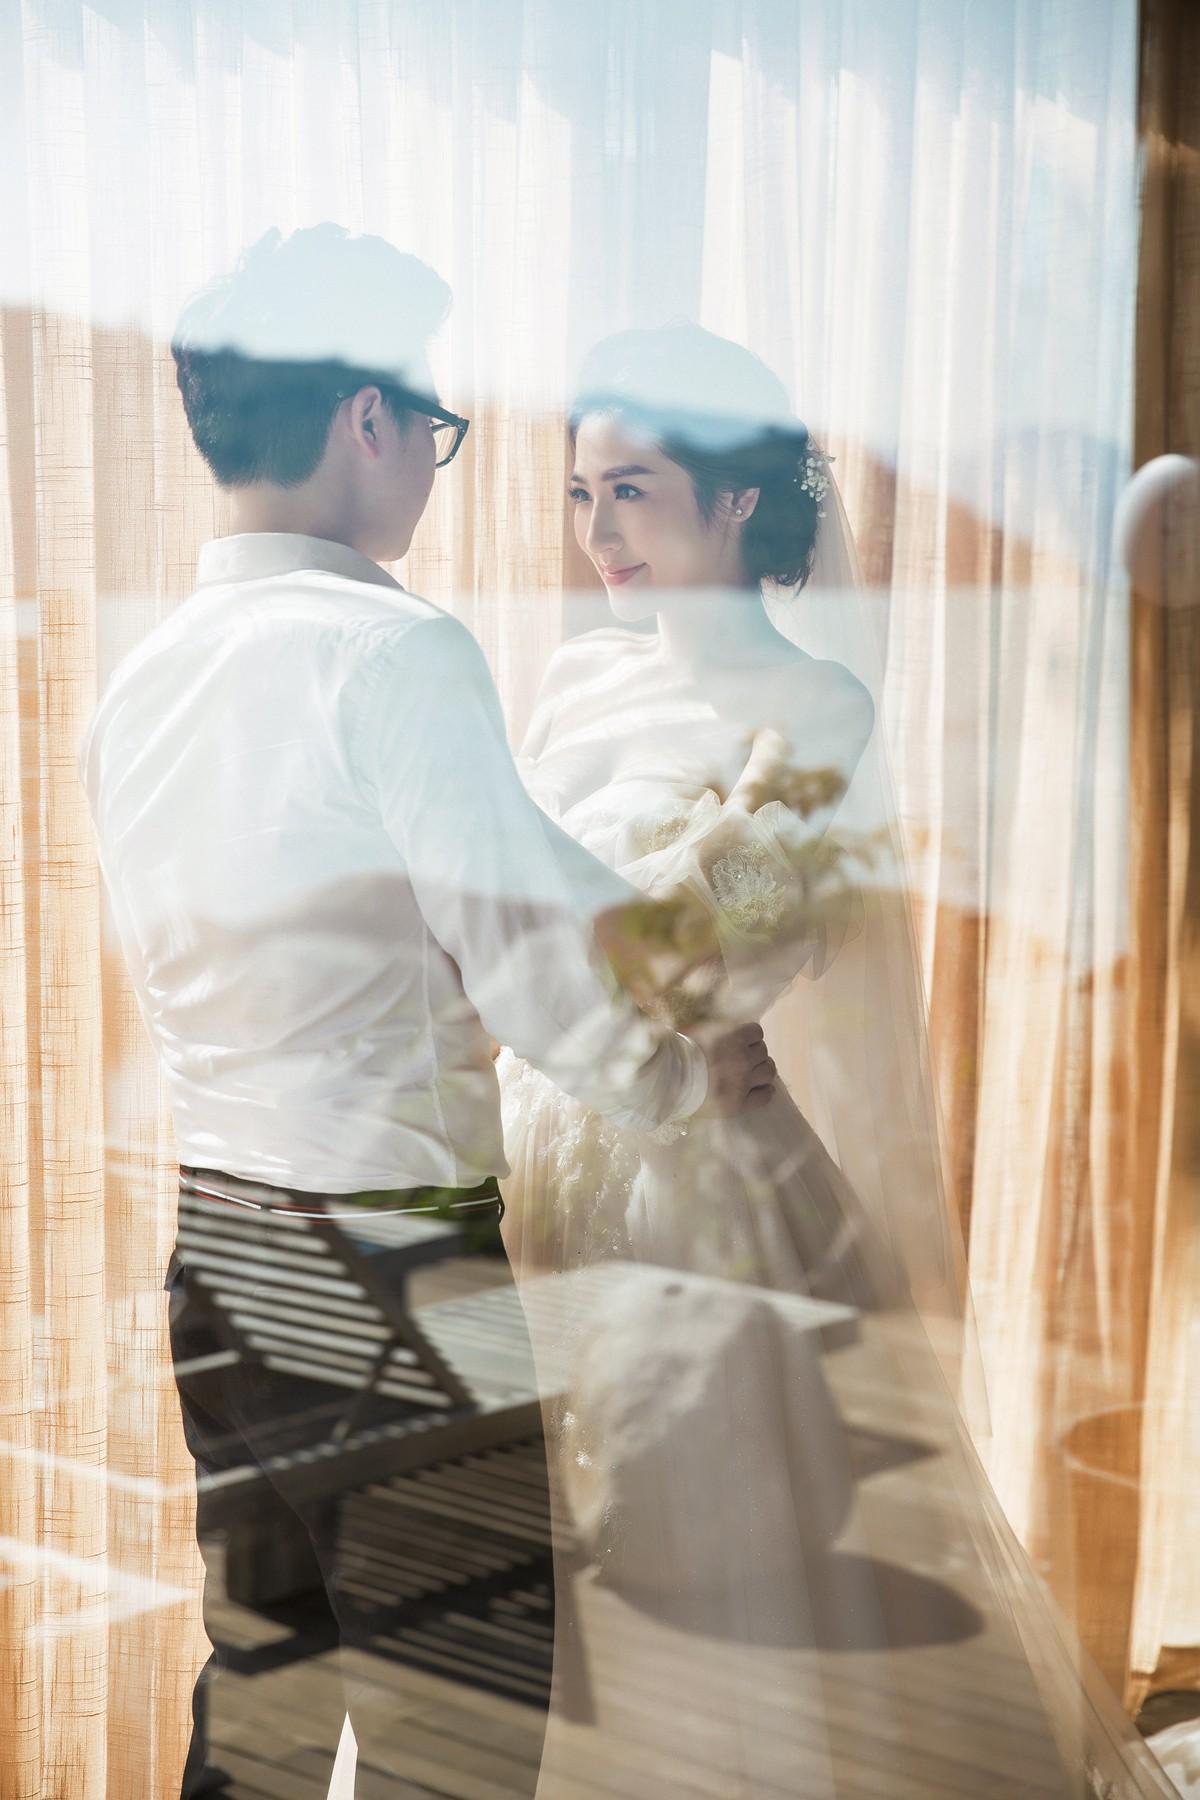 Trước ngày cưới 2 ngày, Á hậu Tú Anh khoe loạt ảnh cưới sang chảnh ngoài biển - Ảnh 13.